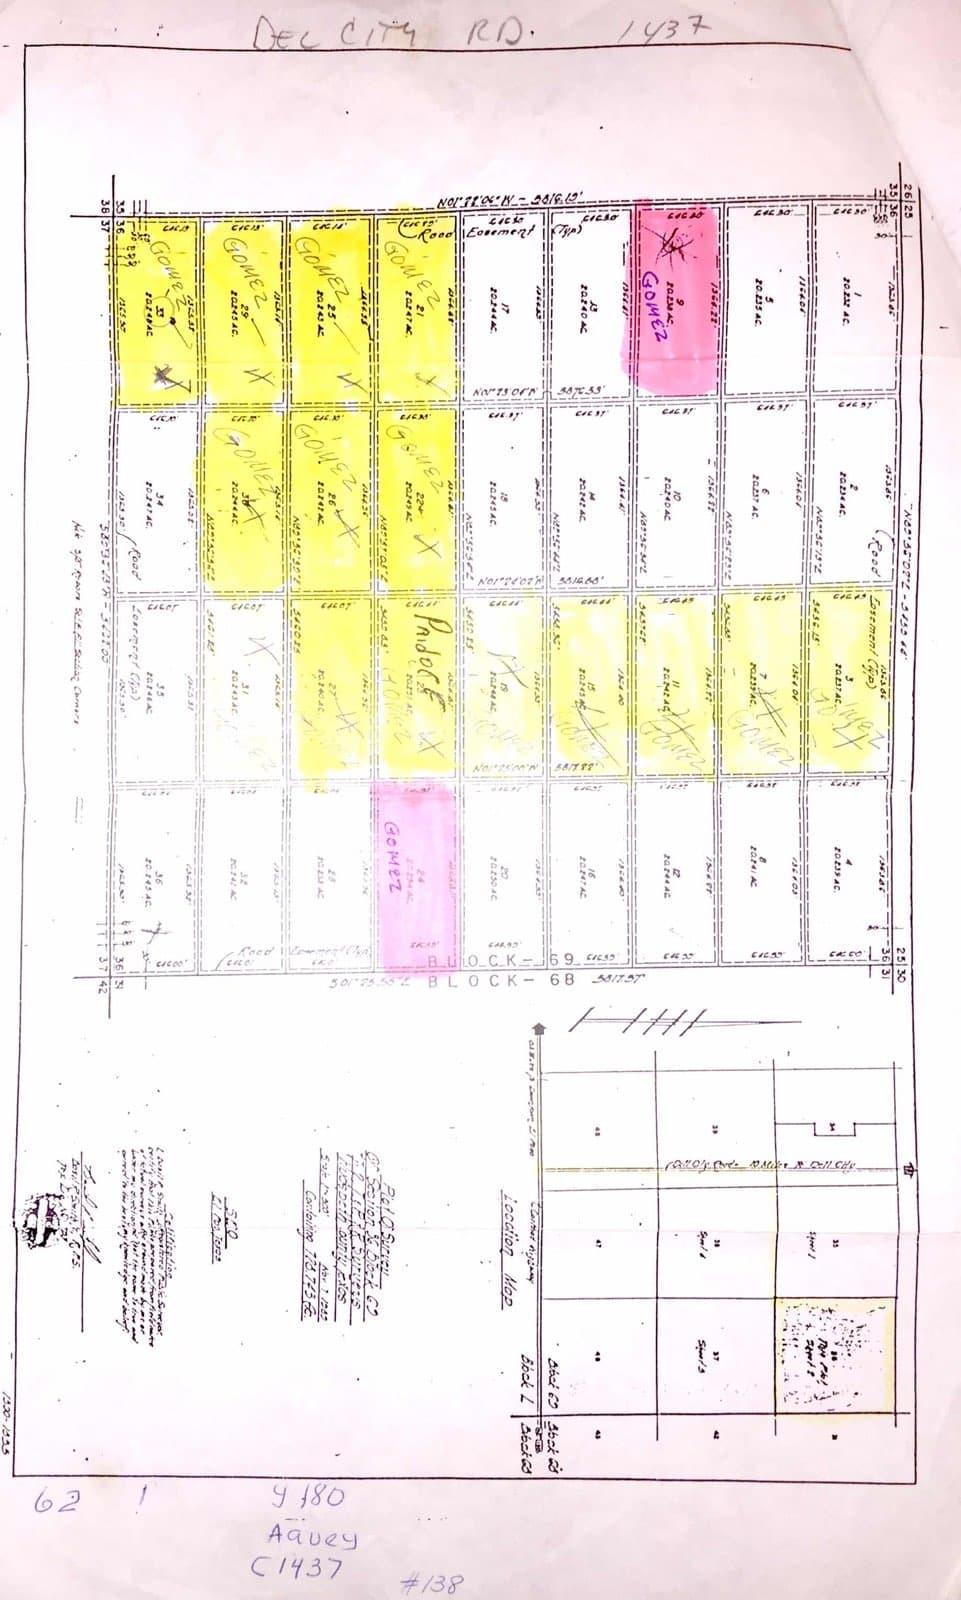 20 Vista Heights, Sierra Blanca, Texas 79851, ,Land,For sale,Vista Heights,838863